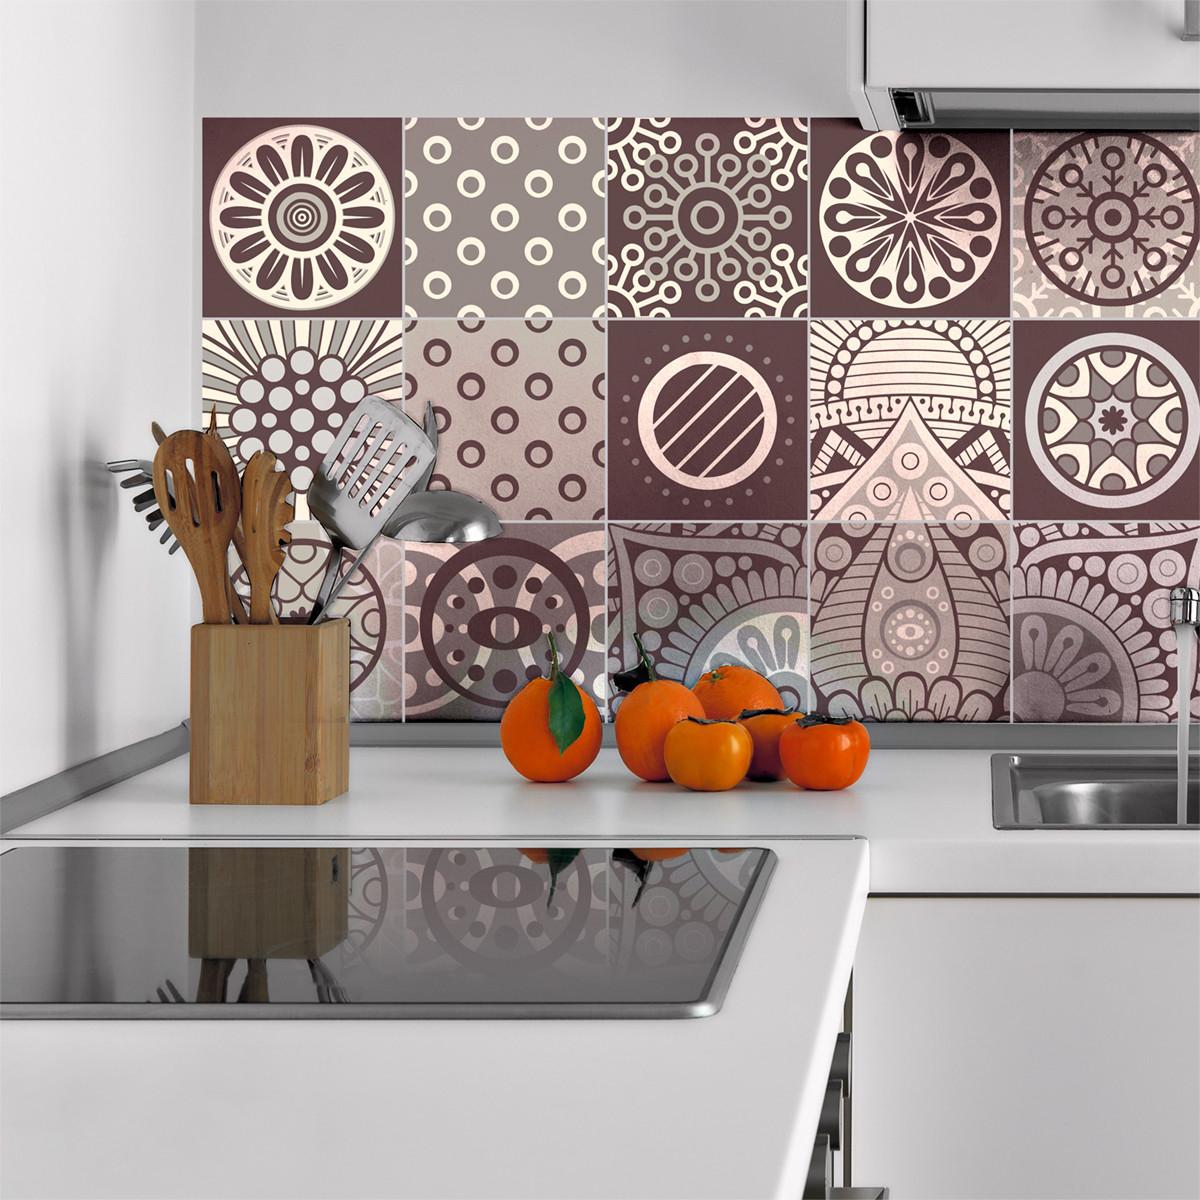 Carrelage Adhésif Salle De Bain Castorama Beau Collection Autocollant Carrelage Cuisine Avec Stickers Carrelage Cuisine 15 15